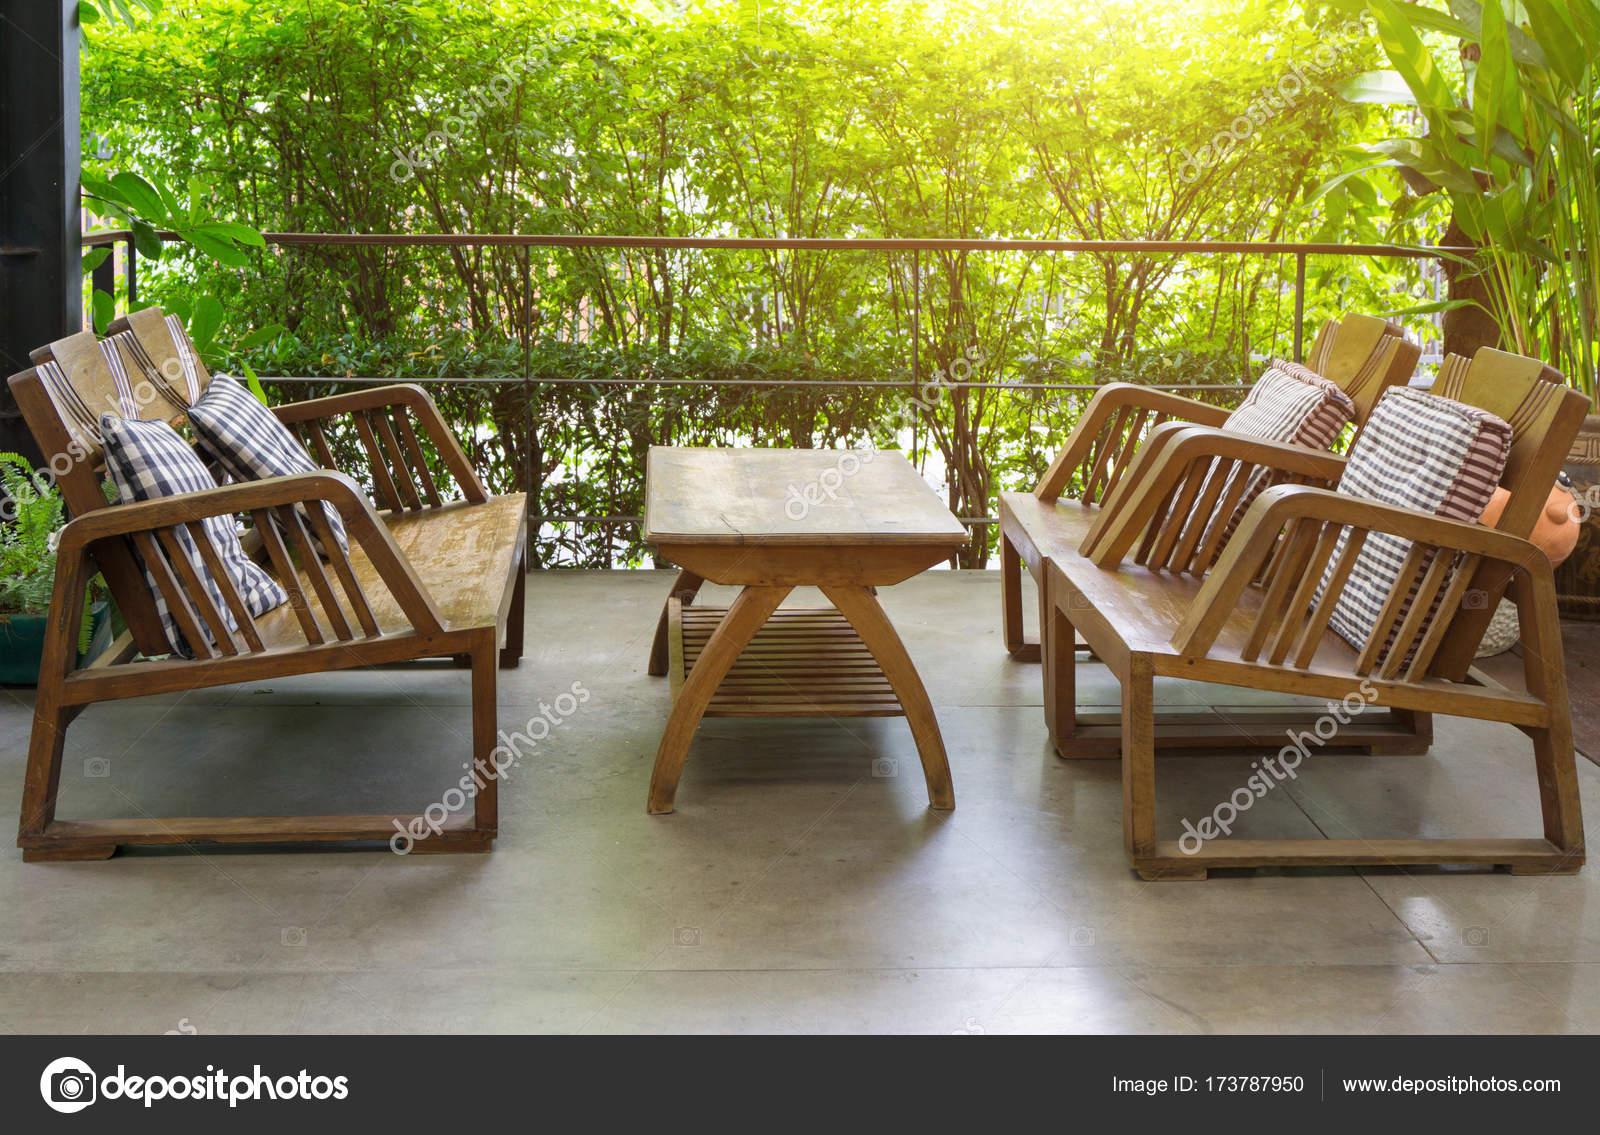 Muebles exterior mesa y sillas de madera en el jardín para rela ...